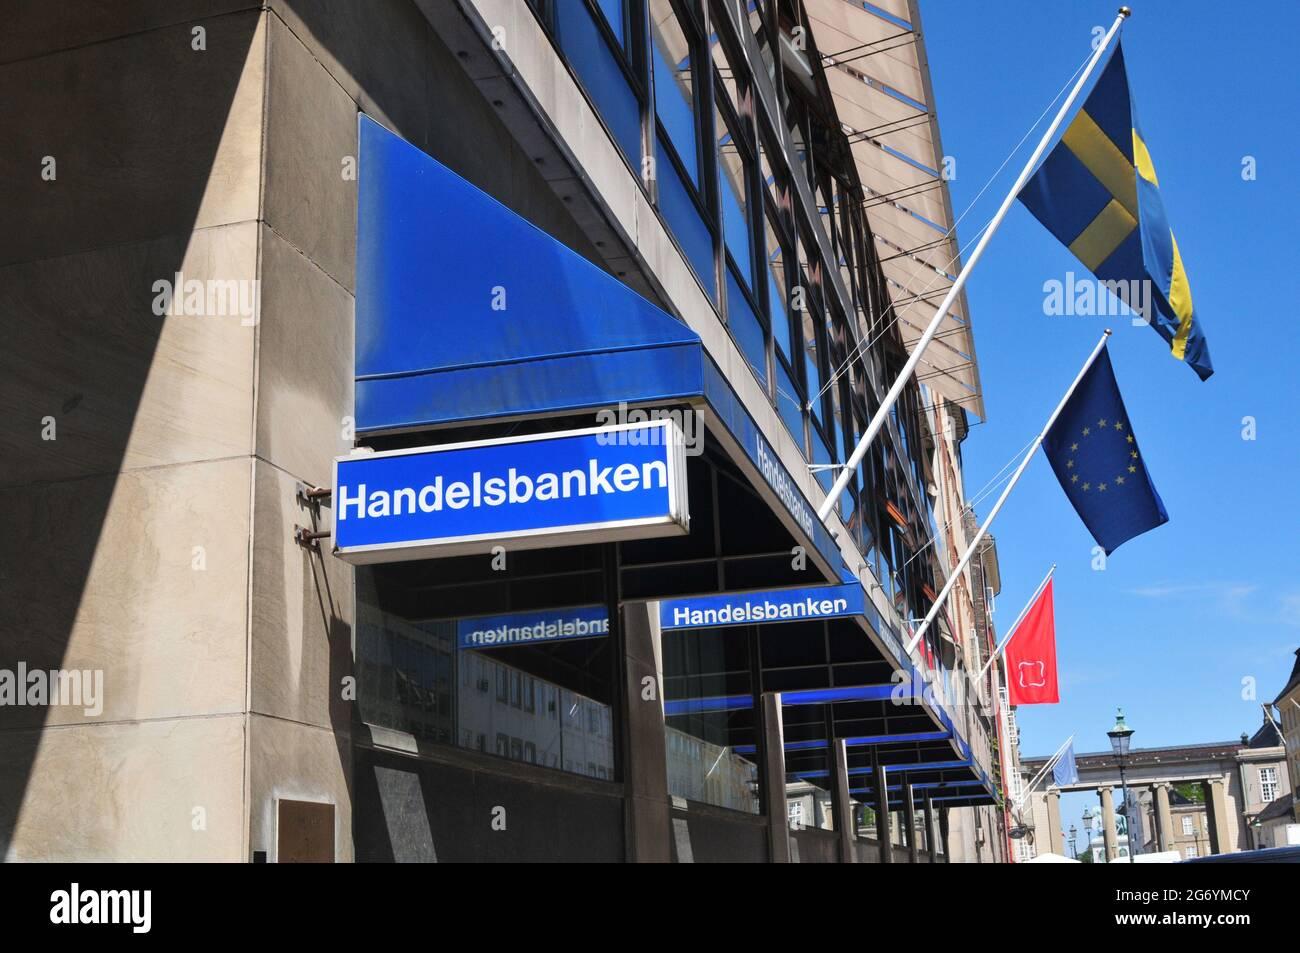 Copenhagen /Danimarca./ 14.June 2019/ .Ambasciata svedese e Handelsbanken svedese hanno smae indirizzo nello stesso edificio Amaliengade a Copenhagen Danimarca e bandiere svedesi volano lungo la bandiera blu dell'Unione europea con stella sulla costruzione a Copenhagen Danimarca. (Foto..Francis Dean / Deanpictures. Foto Stock